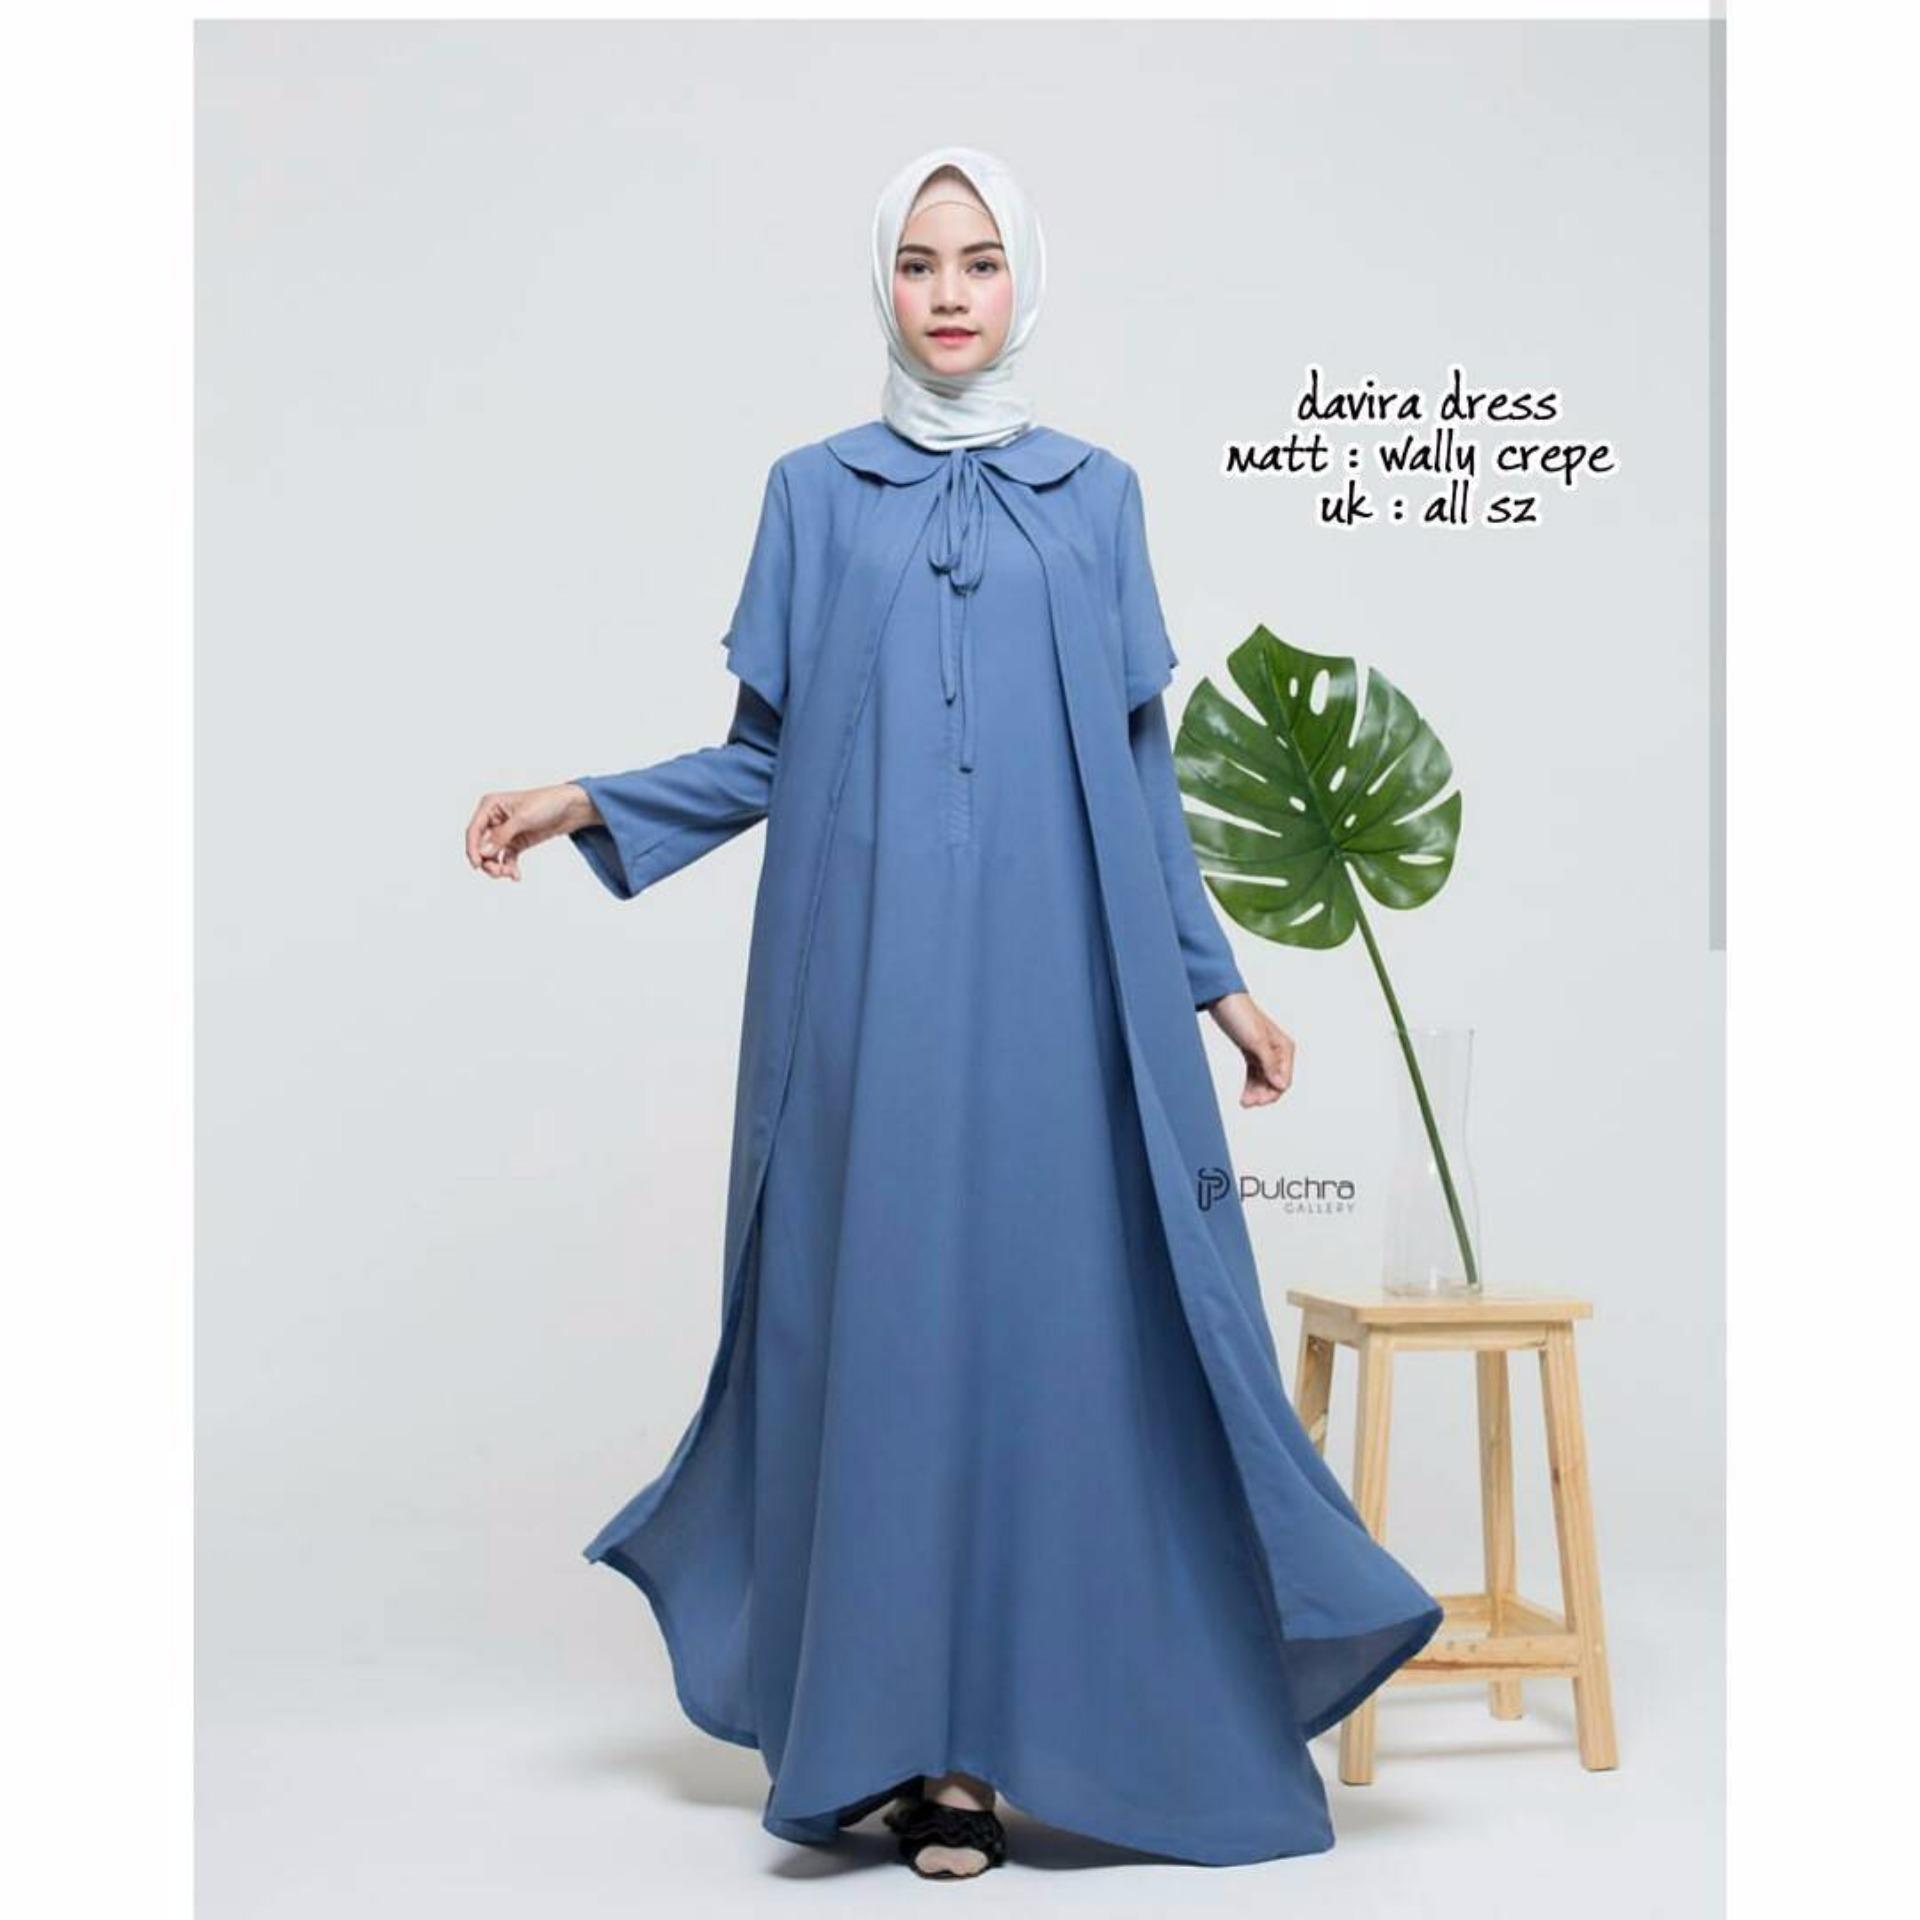 Model Elegan Baju Original Gamis Davira Dress Baju Panjang Casual Wanita Hijab Baju Modern Trendy Warna Denim